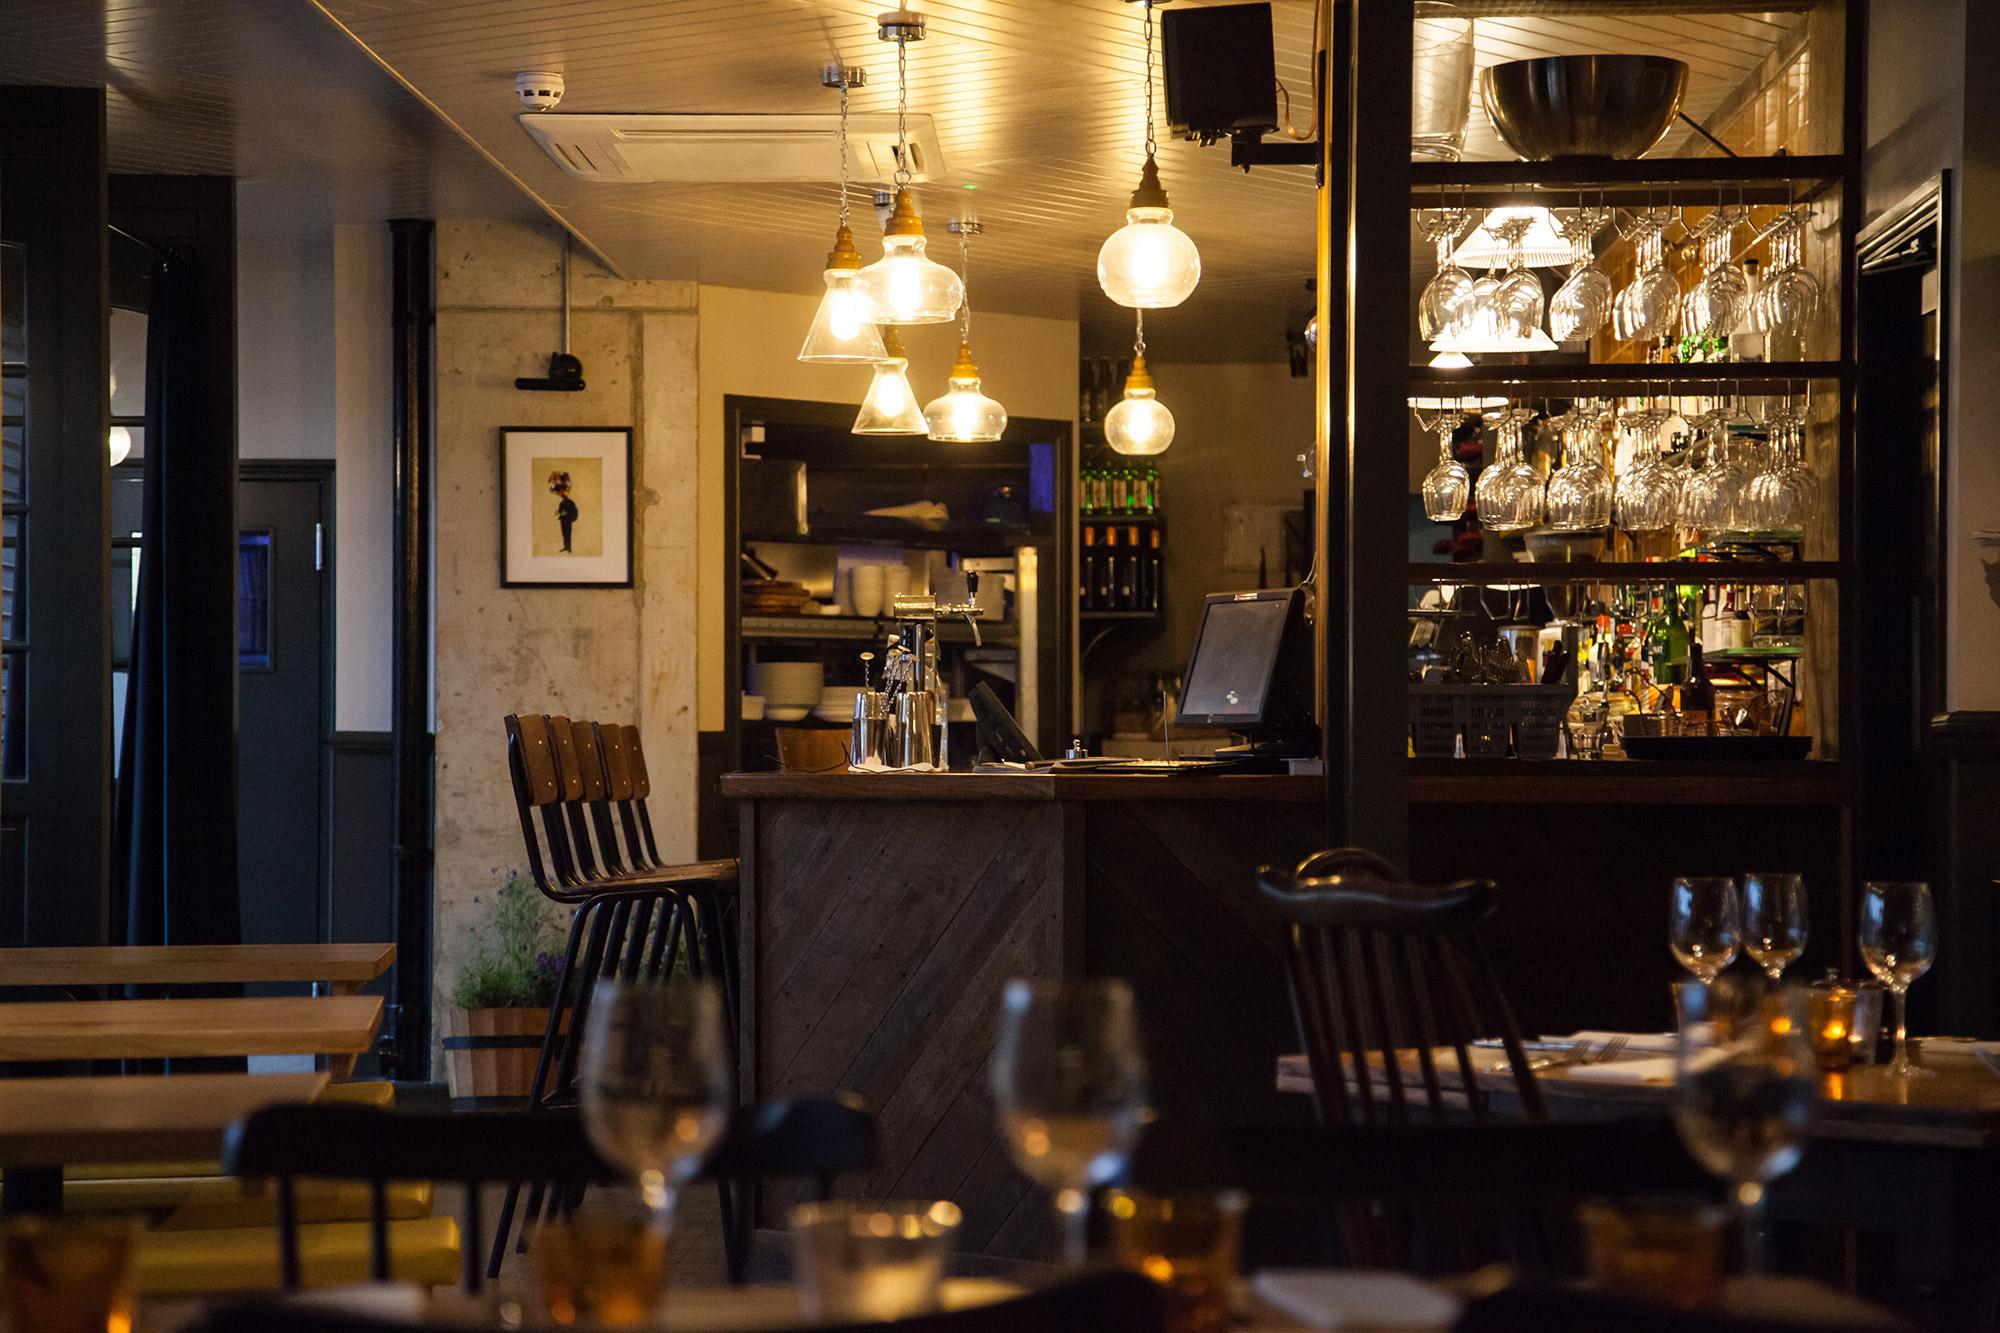 Restaurant interior designer relic interiors london